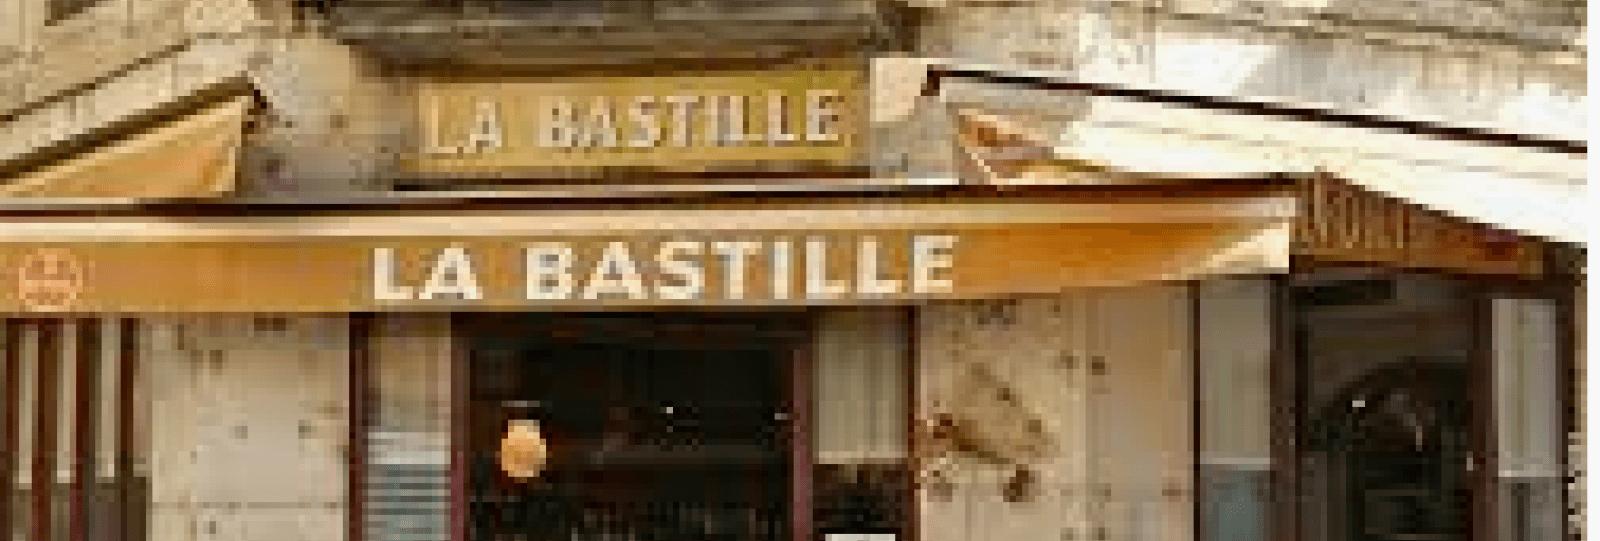 Café La Bastille